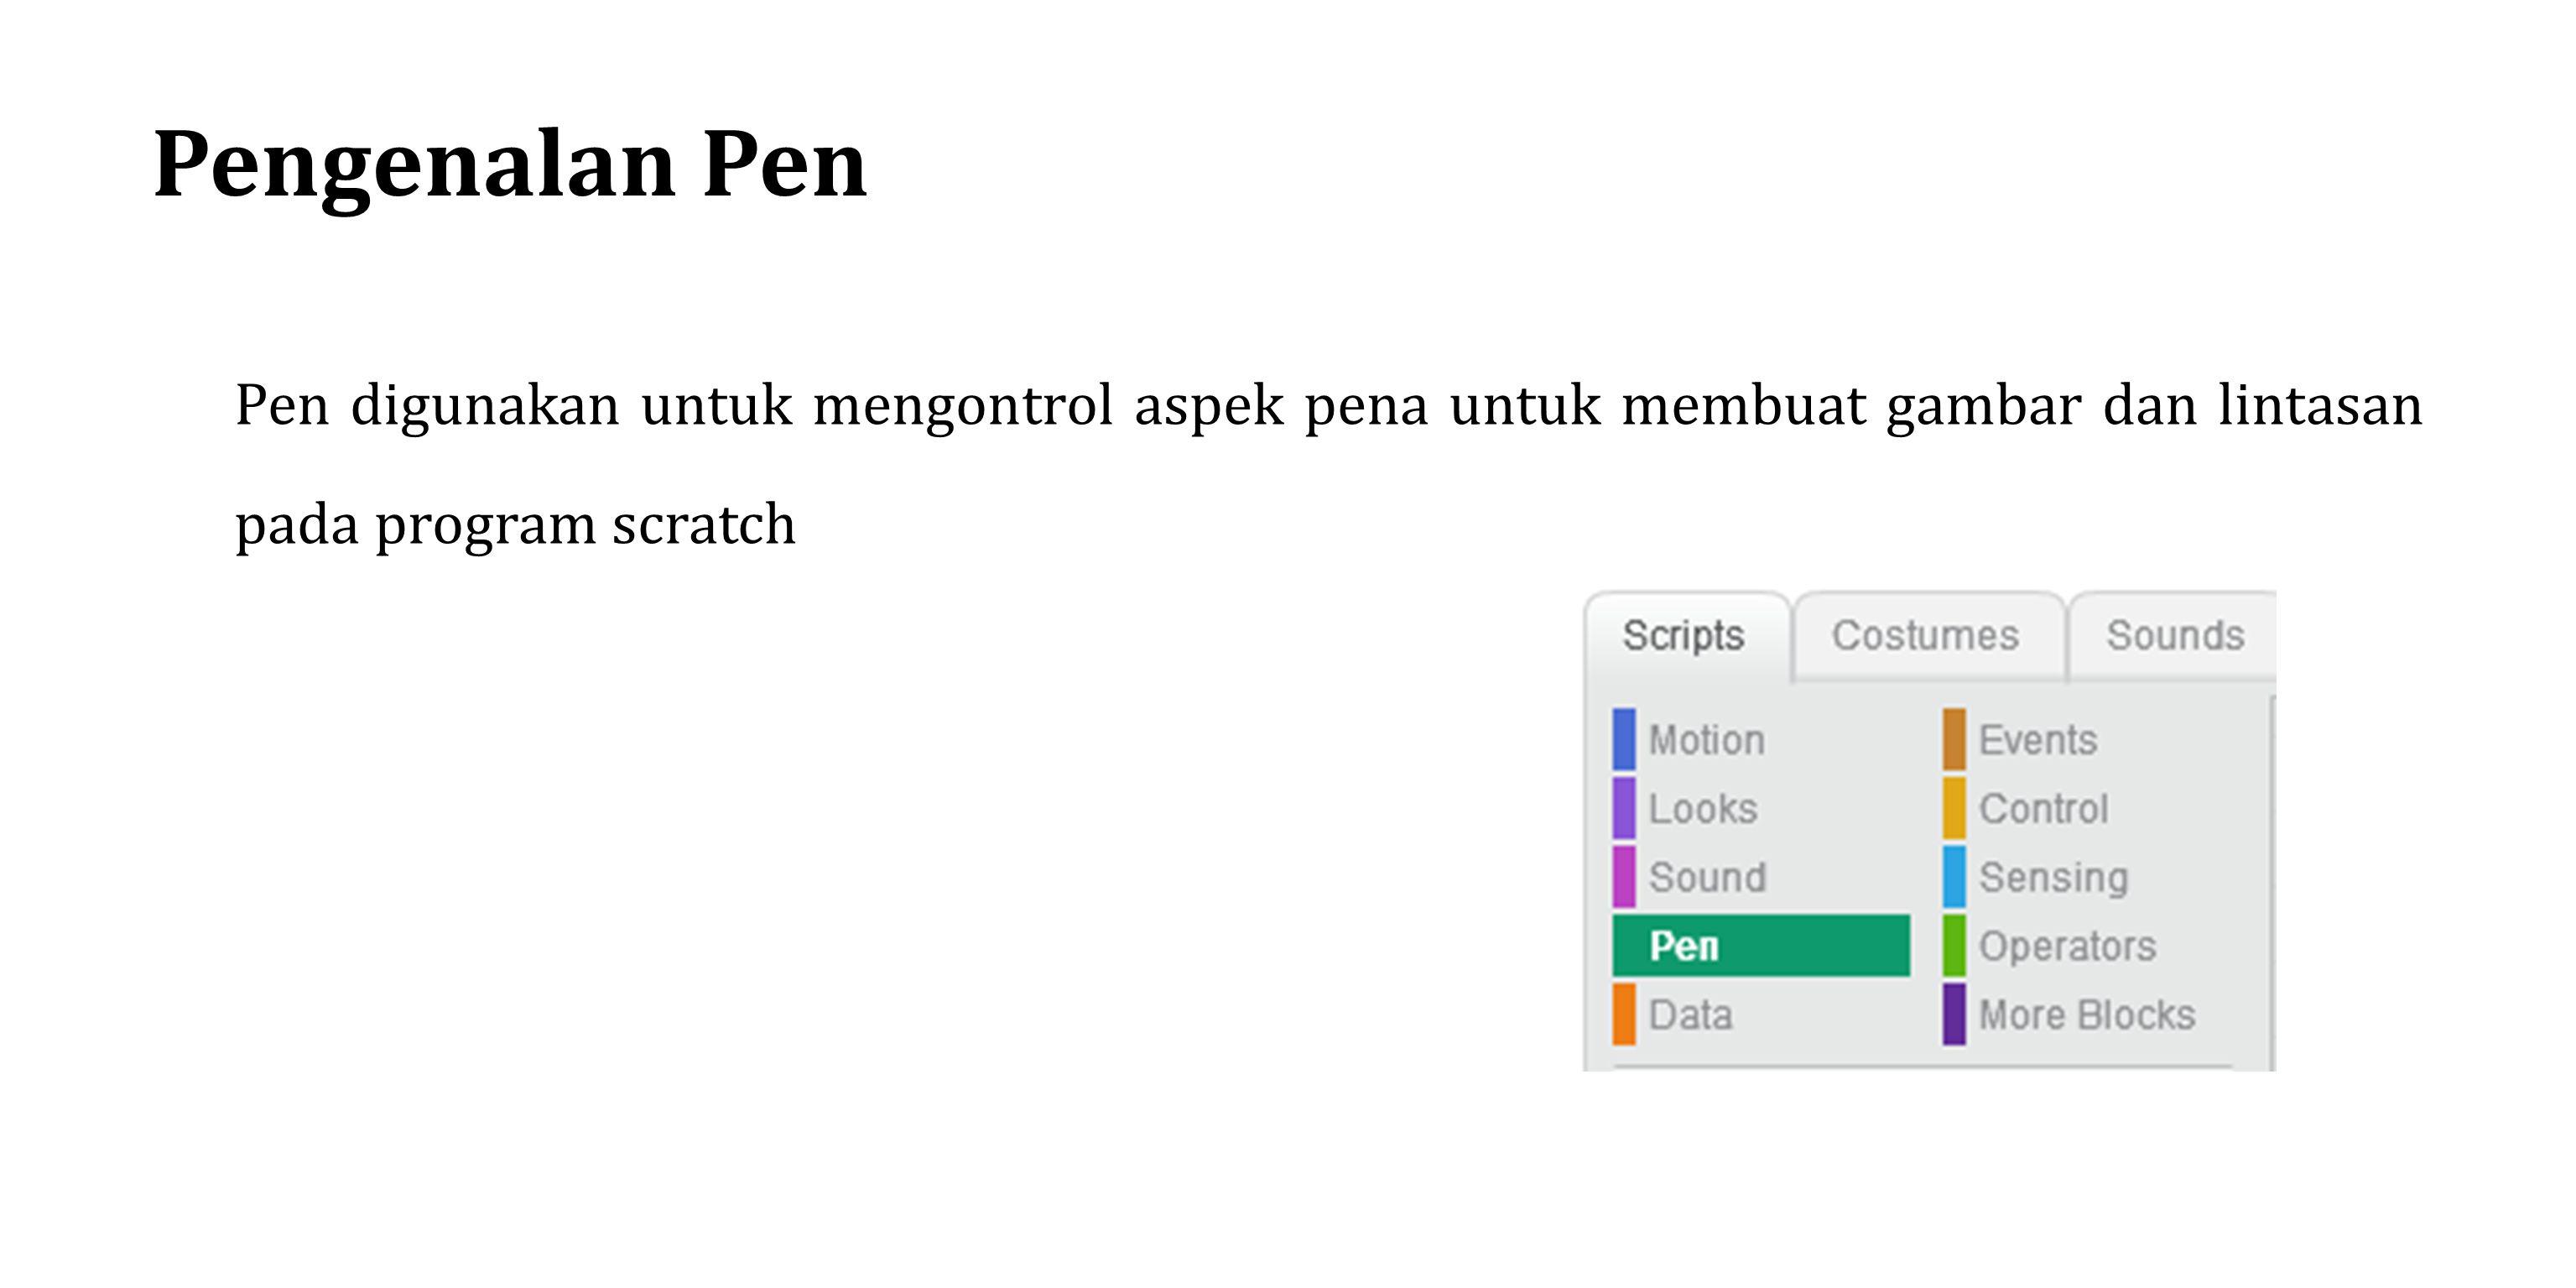 Pengenalan Pen Pen digunakan untuk mengontrol aspek pena untuk membuat gambar dan lintasan pada program scratch.